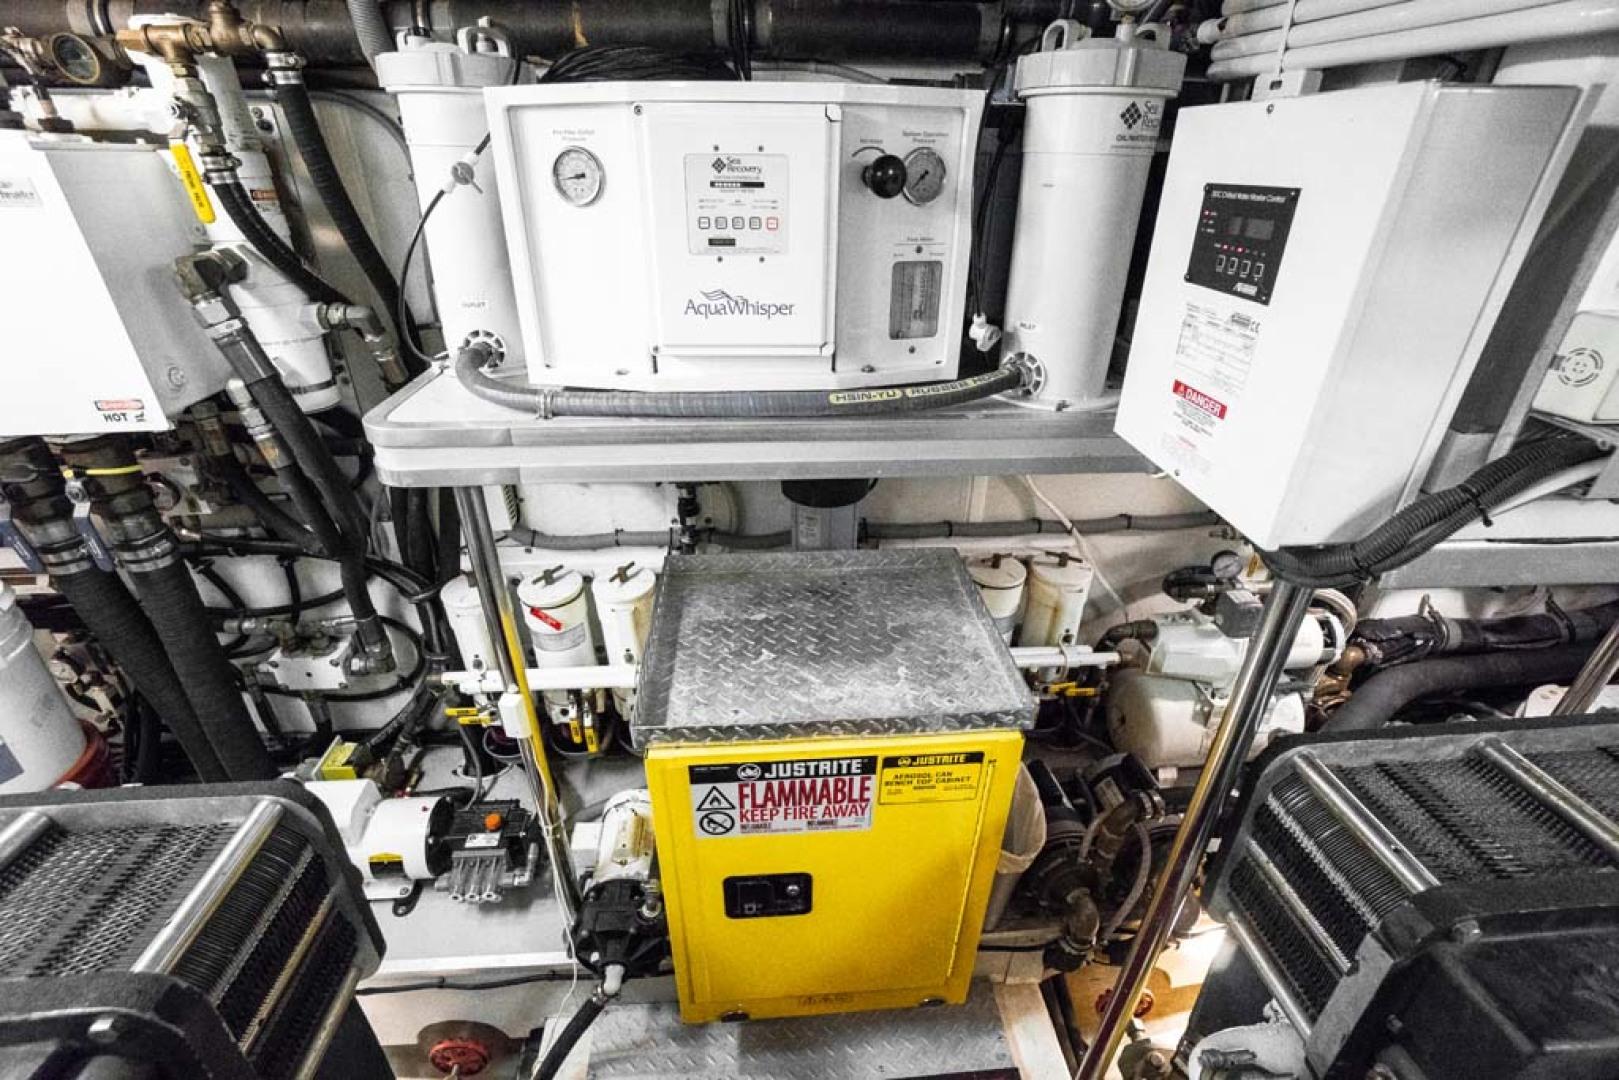 Horizon-Cockpit-Motor-Yacht-2008-Liberation-Stuart-Florida-United-States-Engine-Room-1075384